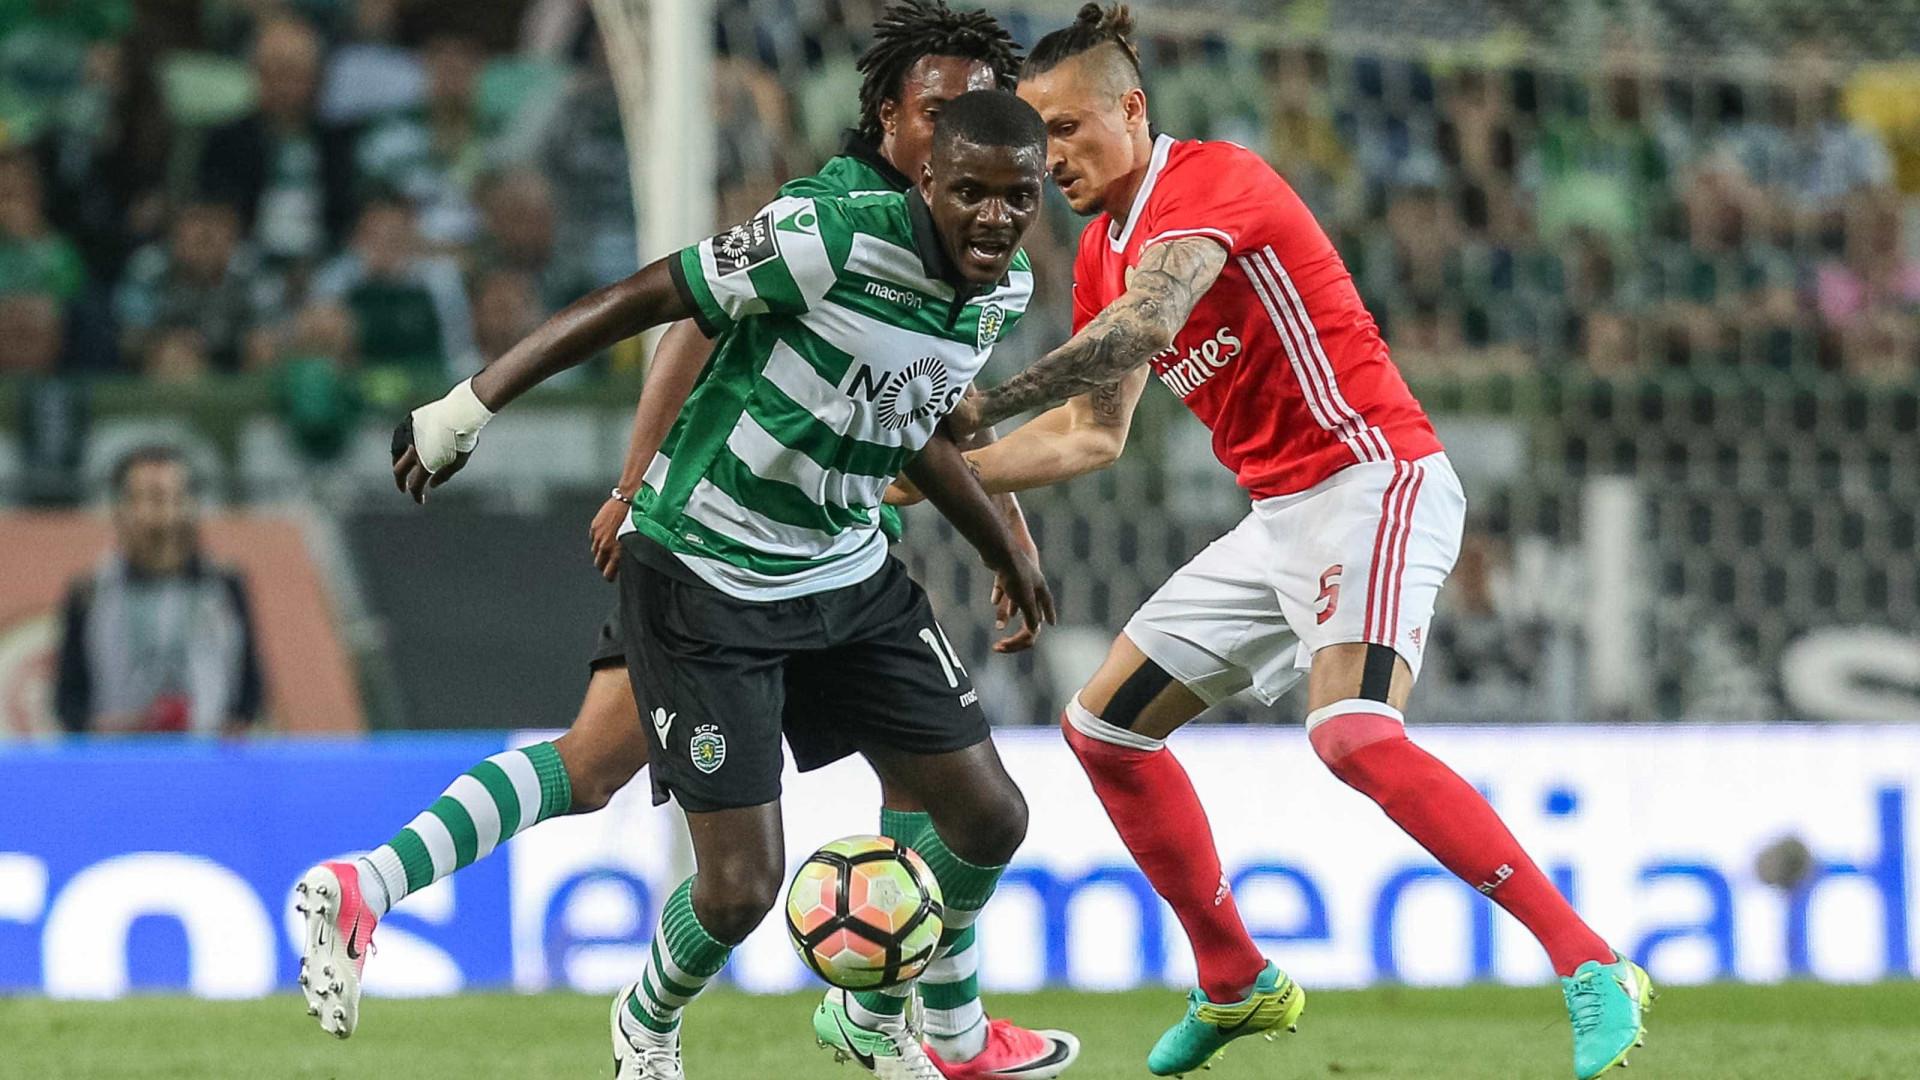 William Carvalho desperta a atenção do milionário e 'louco' PSG